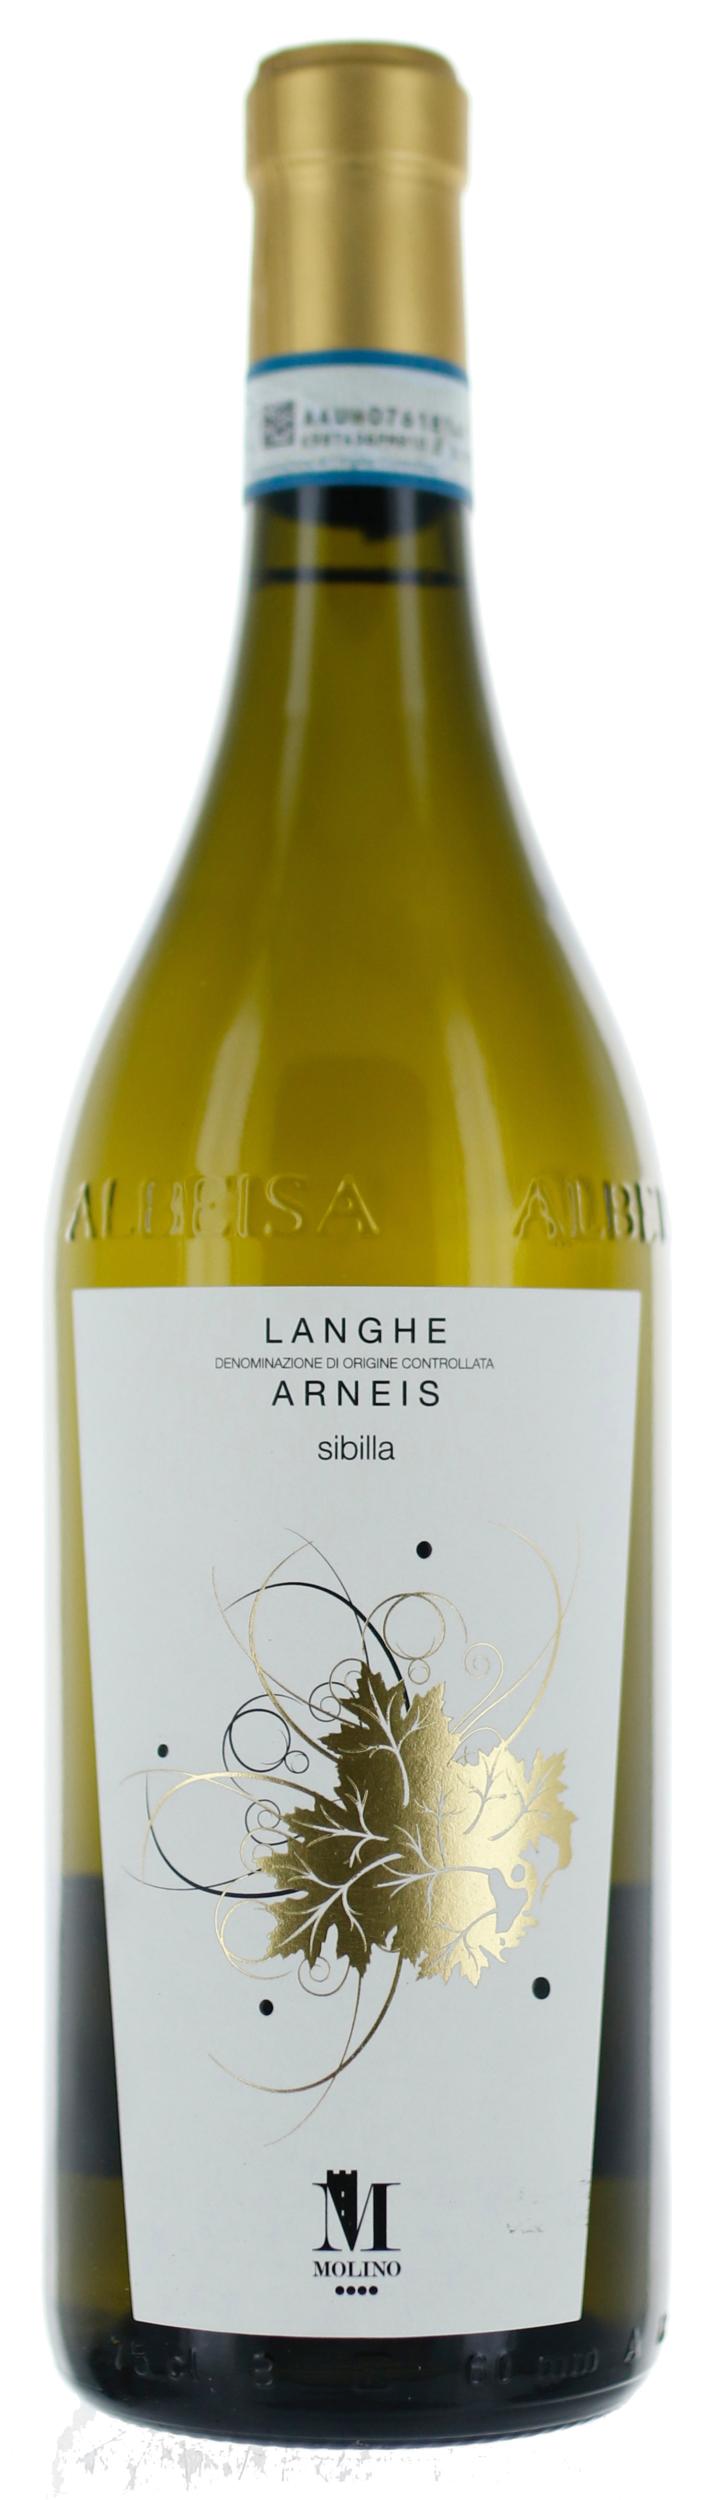 Langhe - Arneis - Agricola Molino - 2019